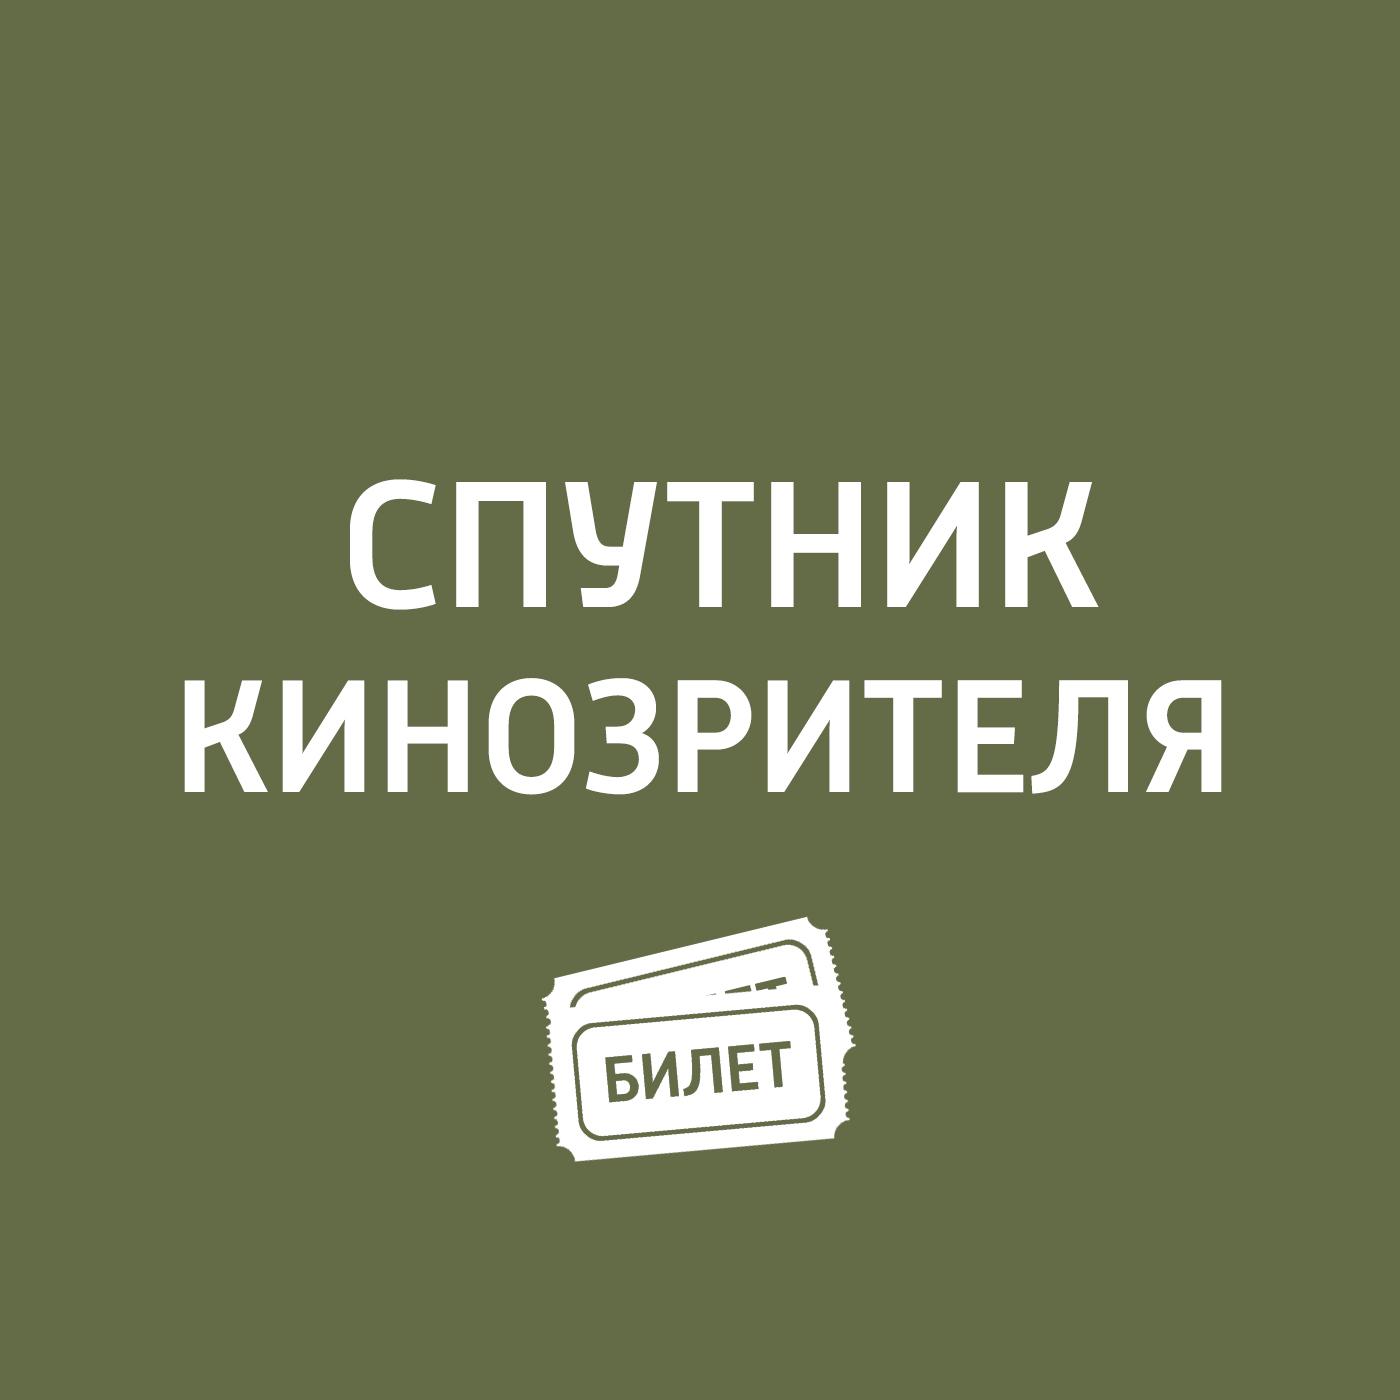 Антон Долин Росомаха: Бессмертный, «Заклятие и др. бессмертный